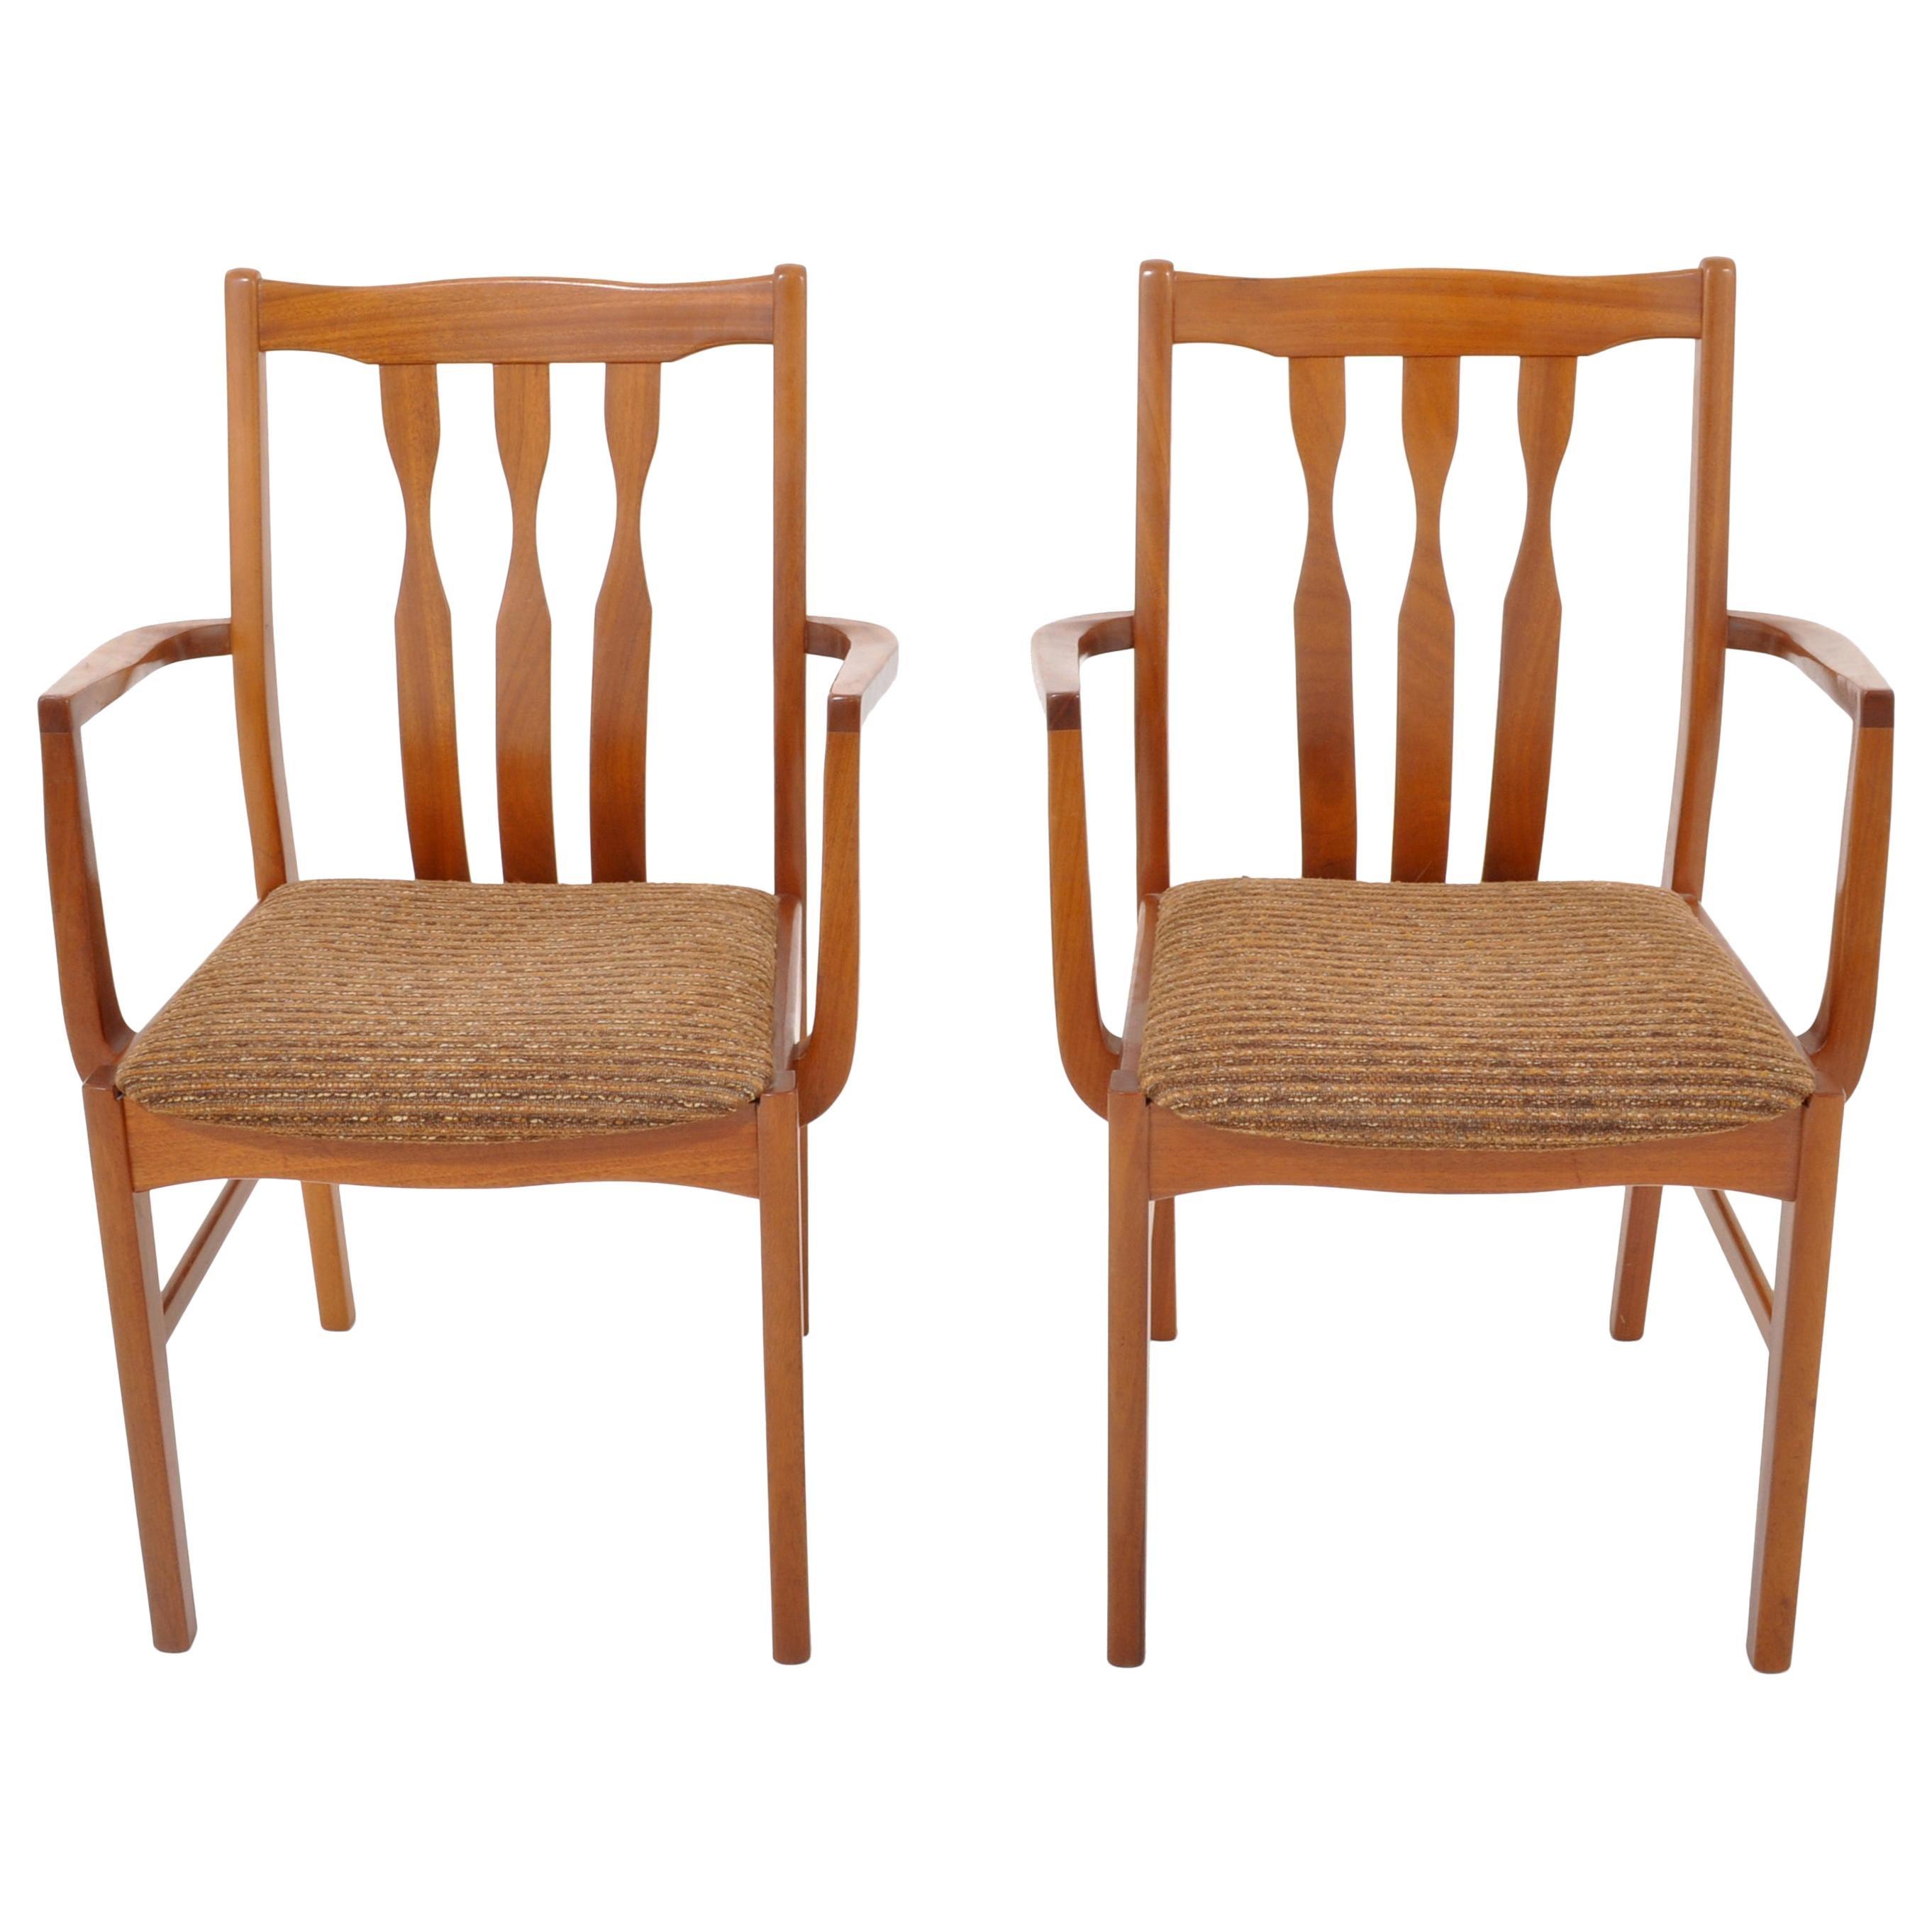 Pair of Mid-Century Modern Captain's/Armchairs in Teak, 1960s